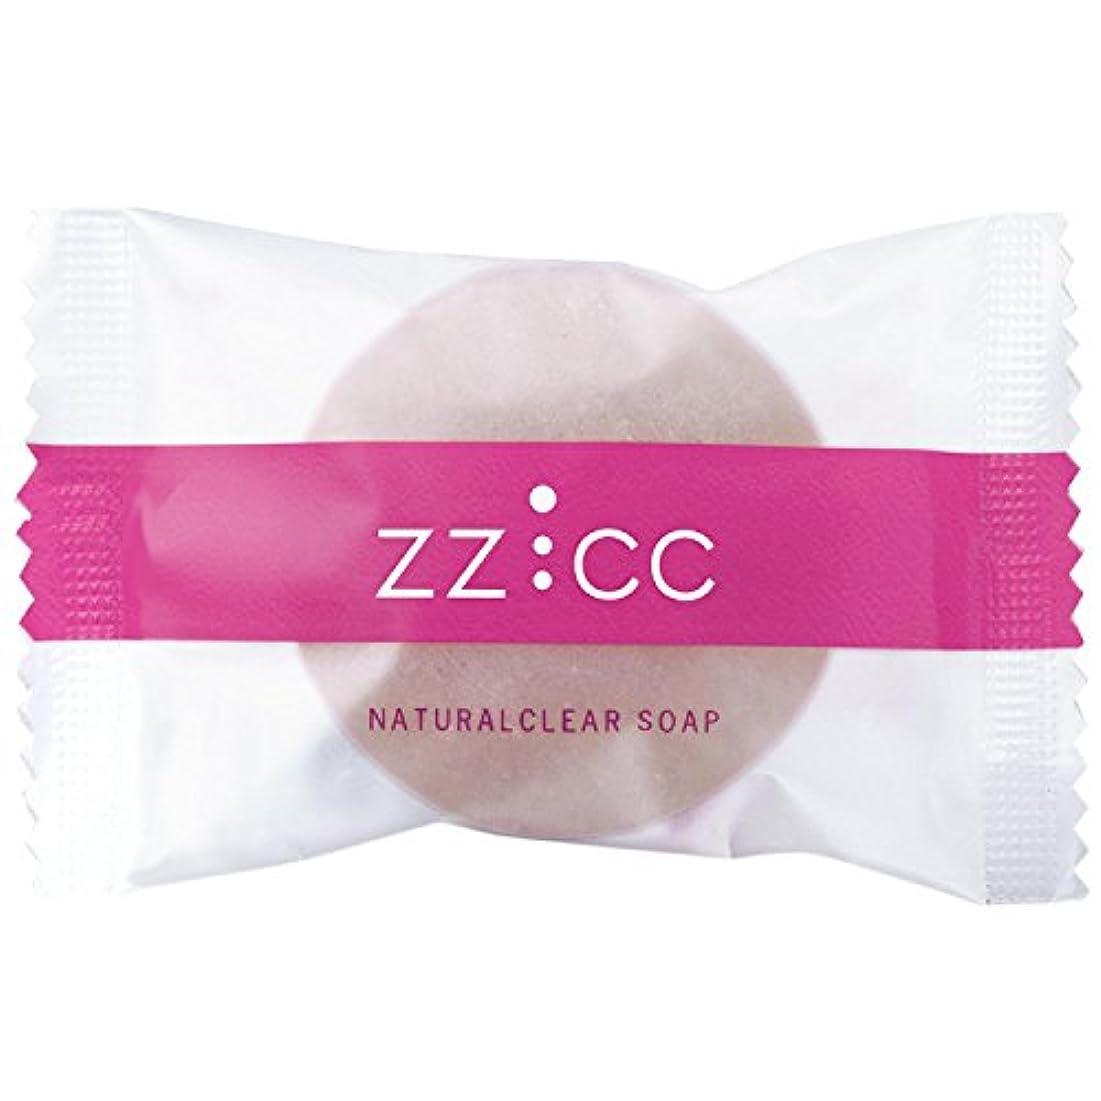 進化乱気流常習的ZZ:CC ナチュラルクリアソープ 【もっちり濃密泡でぷるぷる肌に】洗顔石鹸 【お試しサイズ15g】お肌 毛穴 石鹸 せっけん 石けん 無香料 無着色 無鉱物油 パラベンフリー